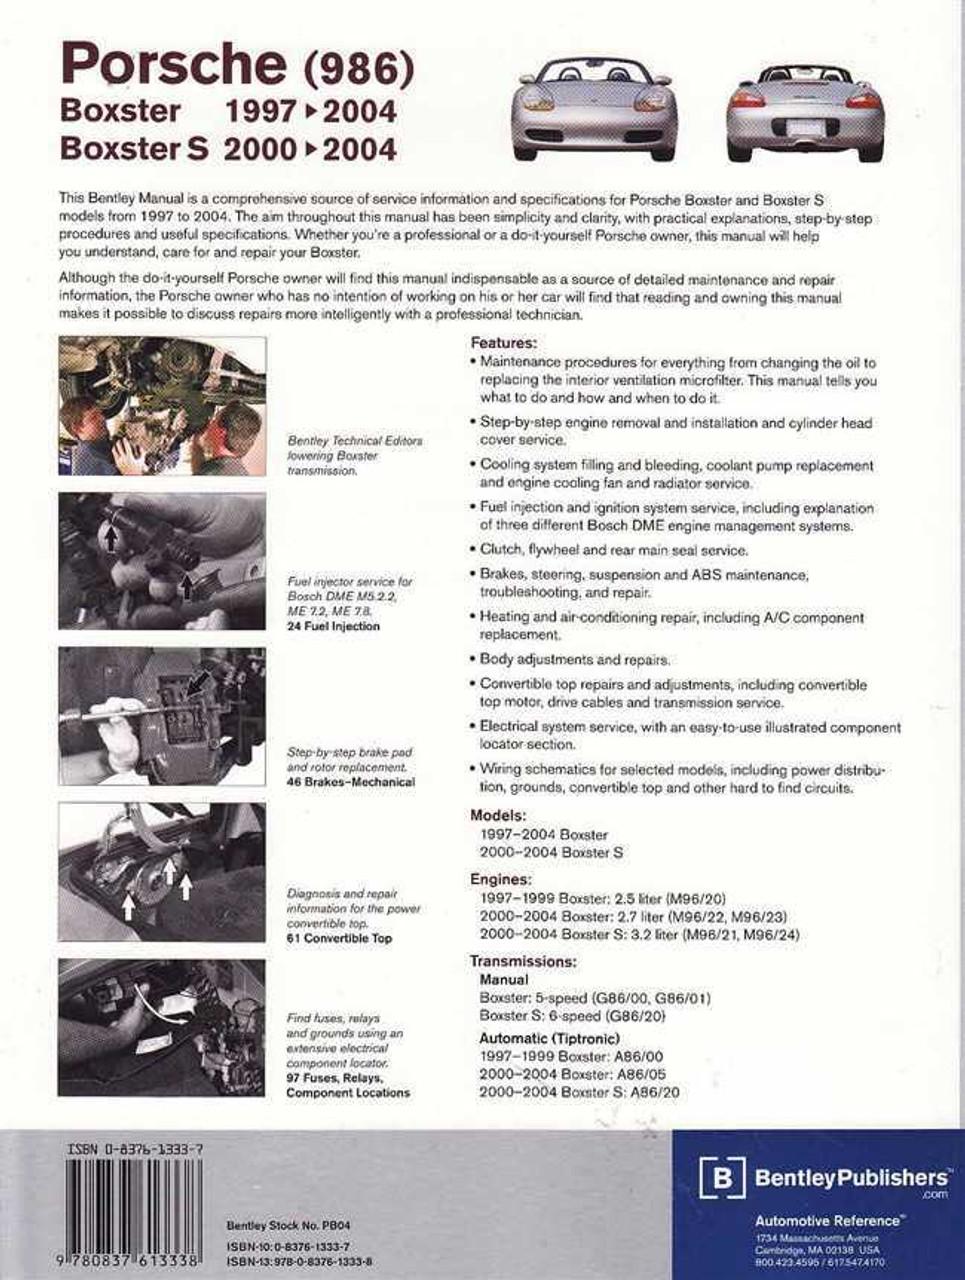 porsche boxster amp boxster s 1997 2004 workshop manual rh automotobookshop com au 1997 porsche boxster service manual 1997 Porsche Boxster Review